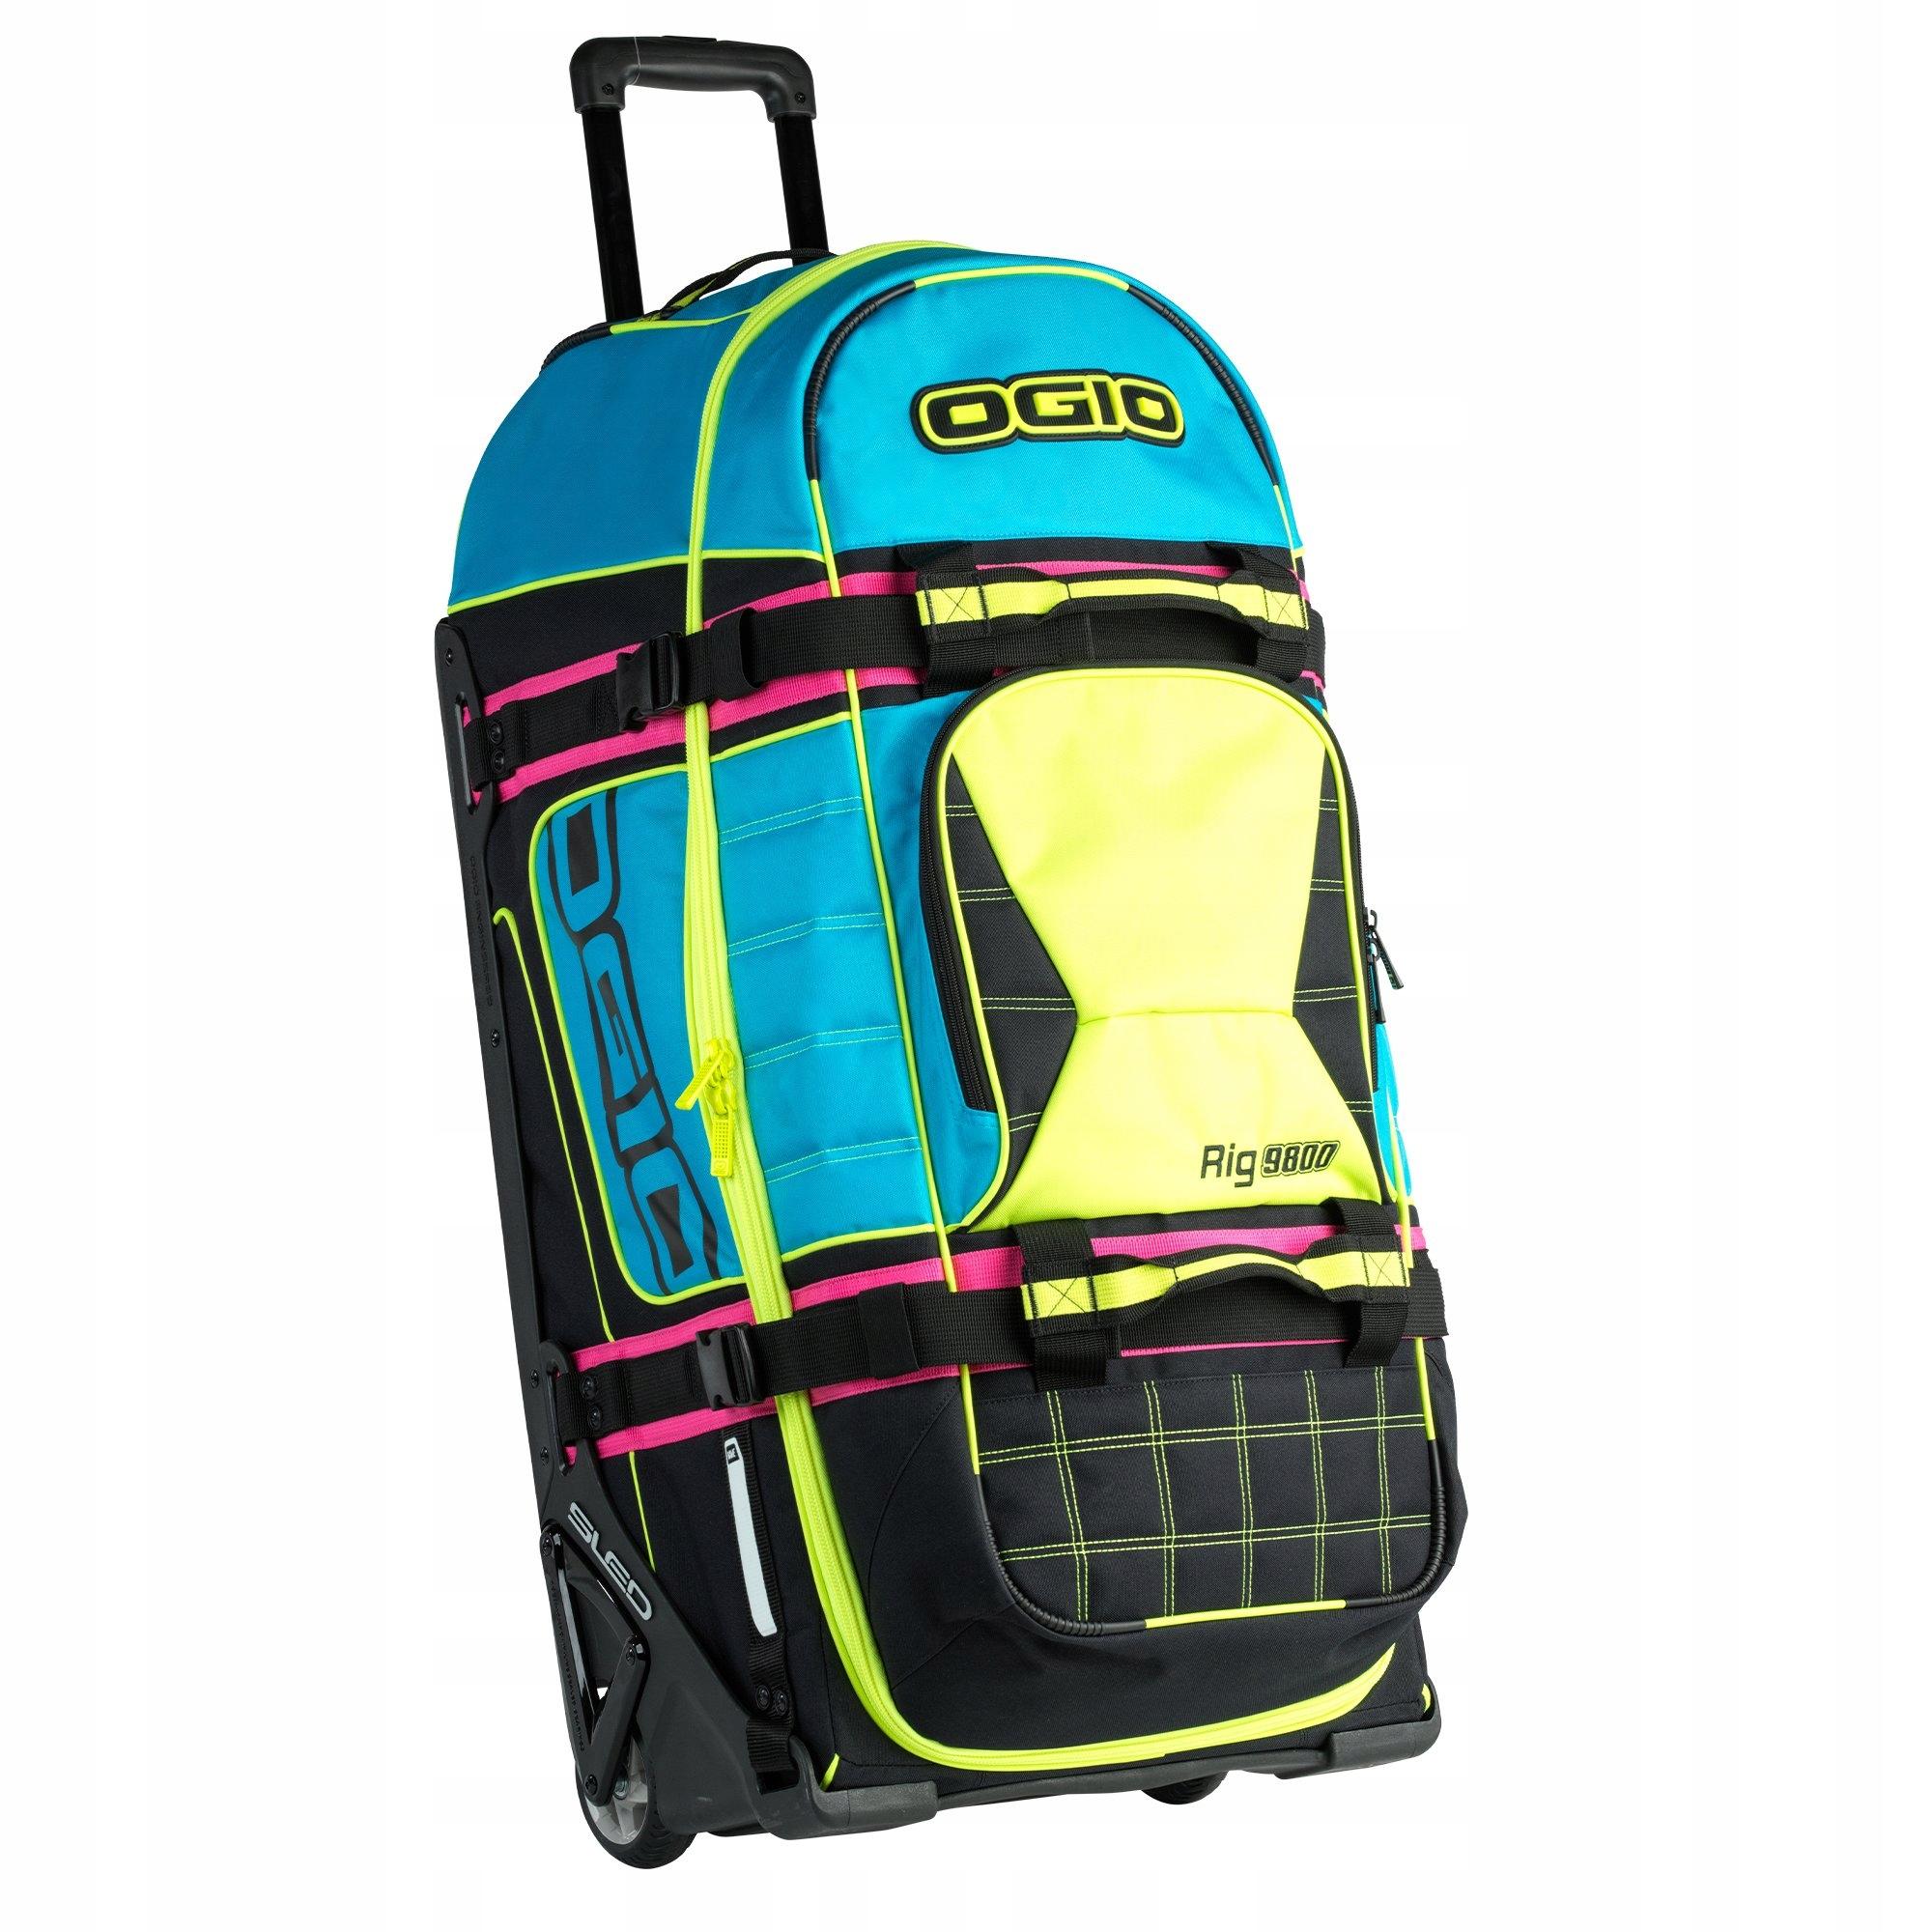 Retro taška Ogio Rig 9800